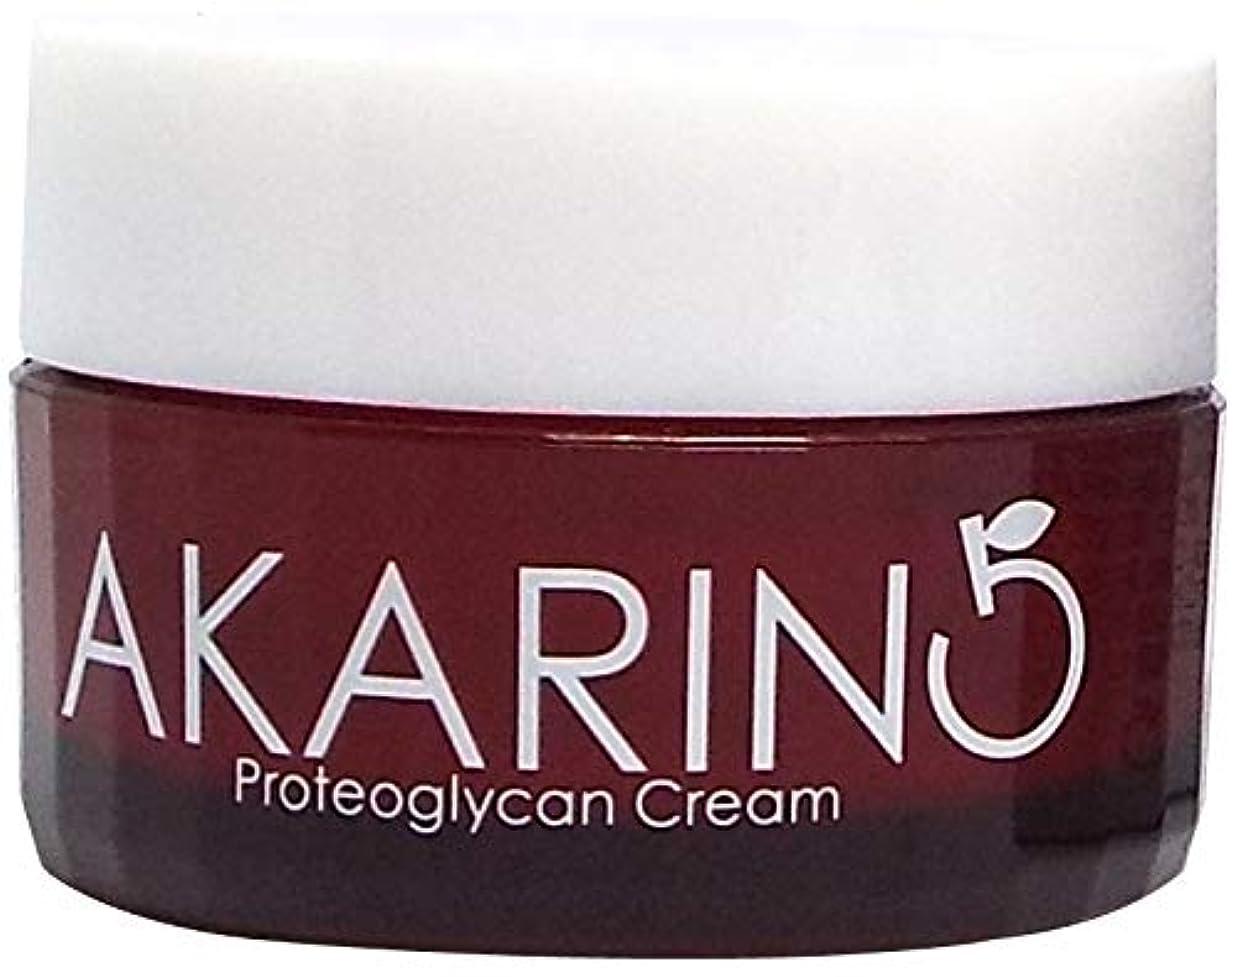 化学バズトイレプロテオグリカン配合フェイスクリーム 30g AKARIN5